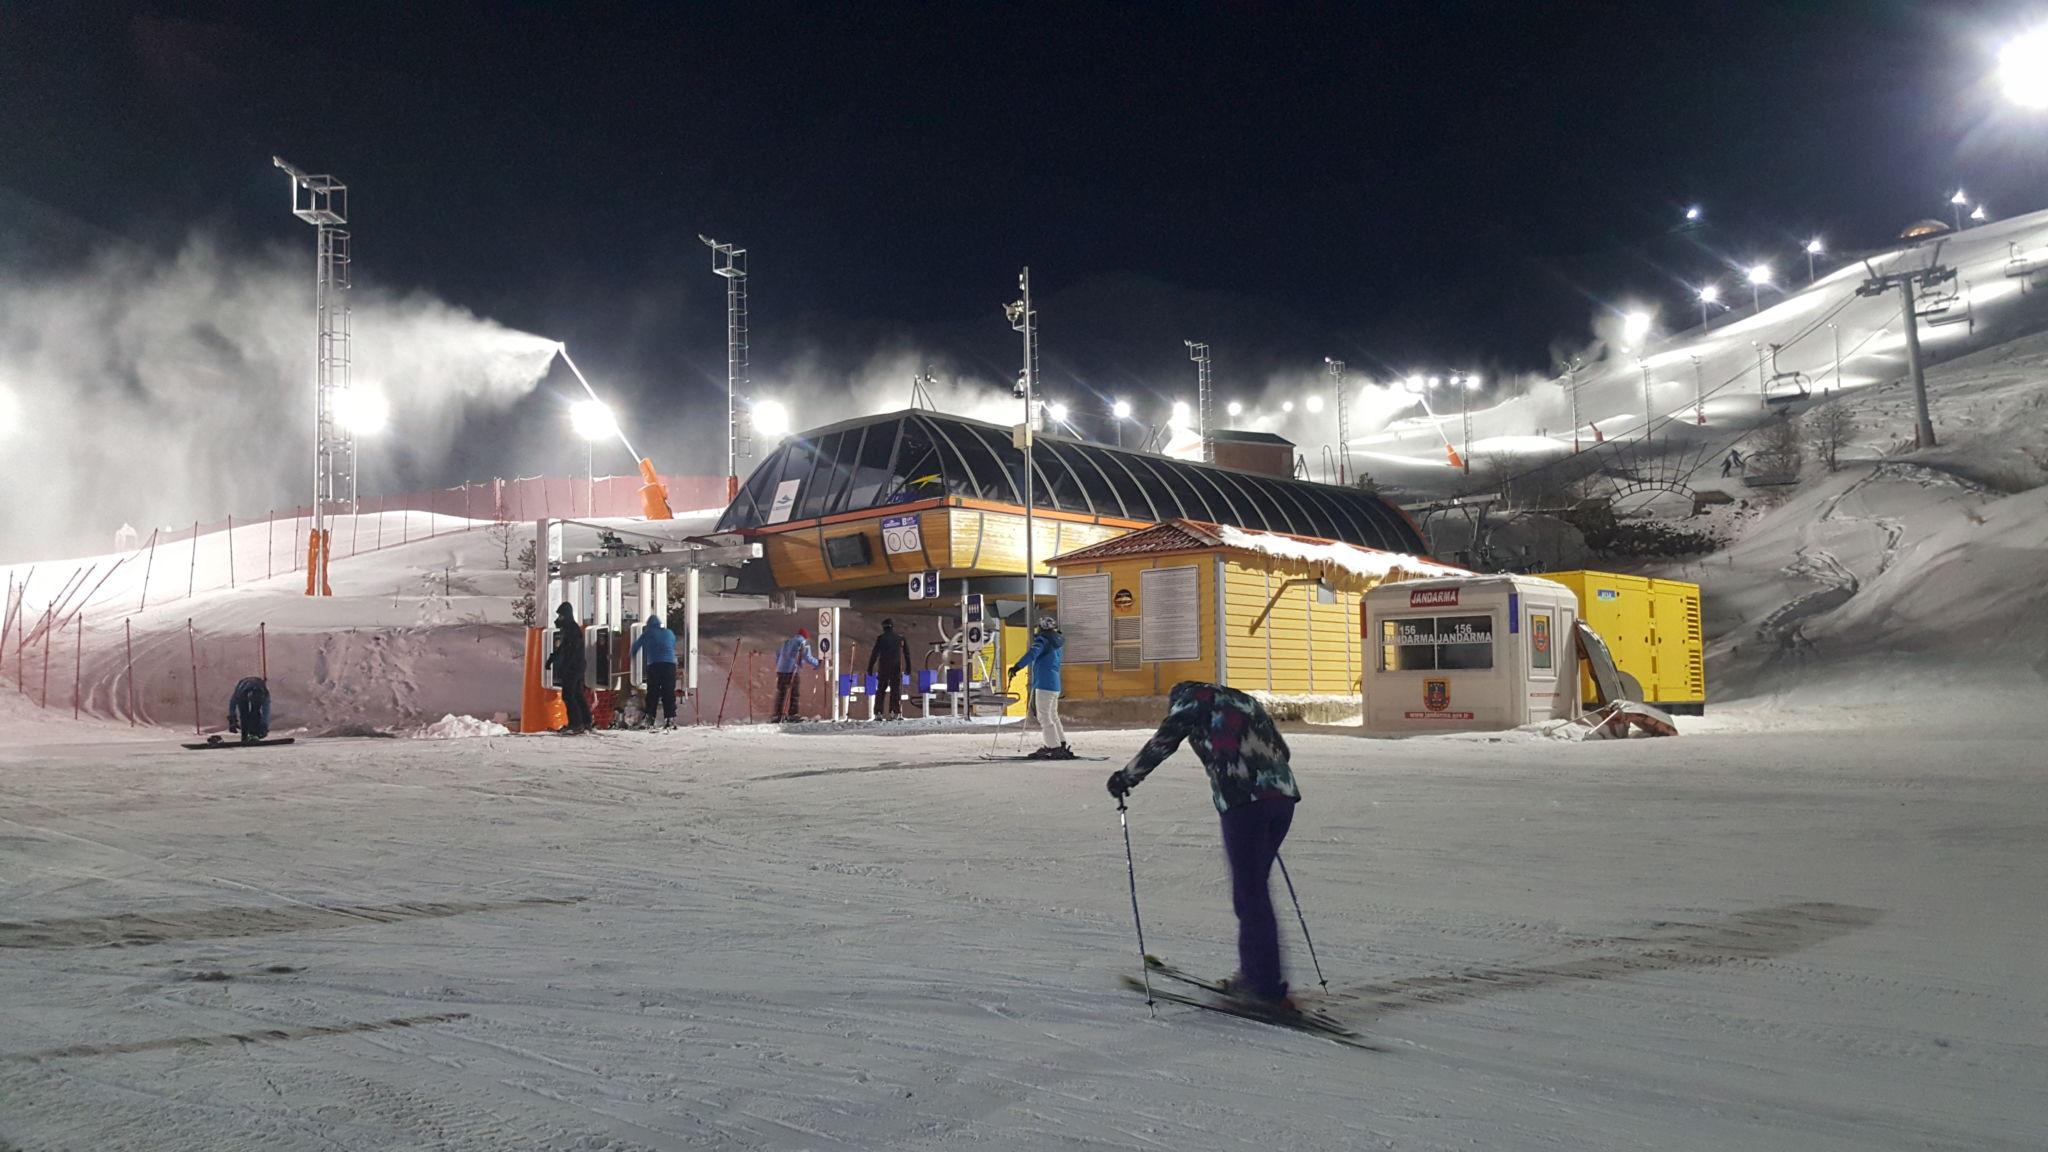 Горнолыжный курорт Паландокен - прекрасное место для того, чтобы встретить Новый год 2020 в Турции